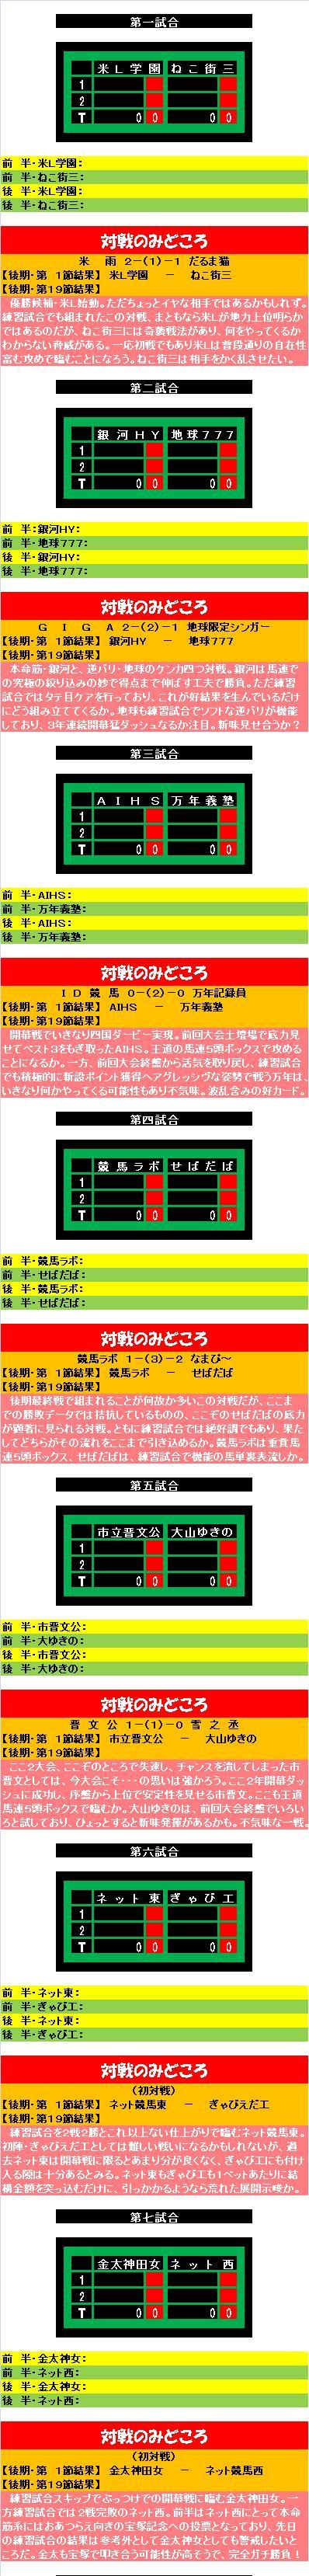 20150615・ダルマンリーグ第1節試合前見どころスコア④修正版.jpg